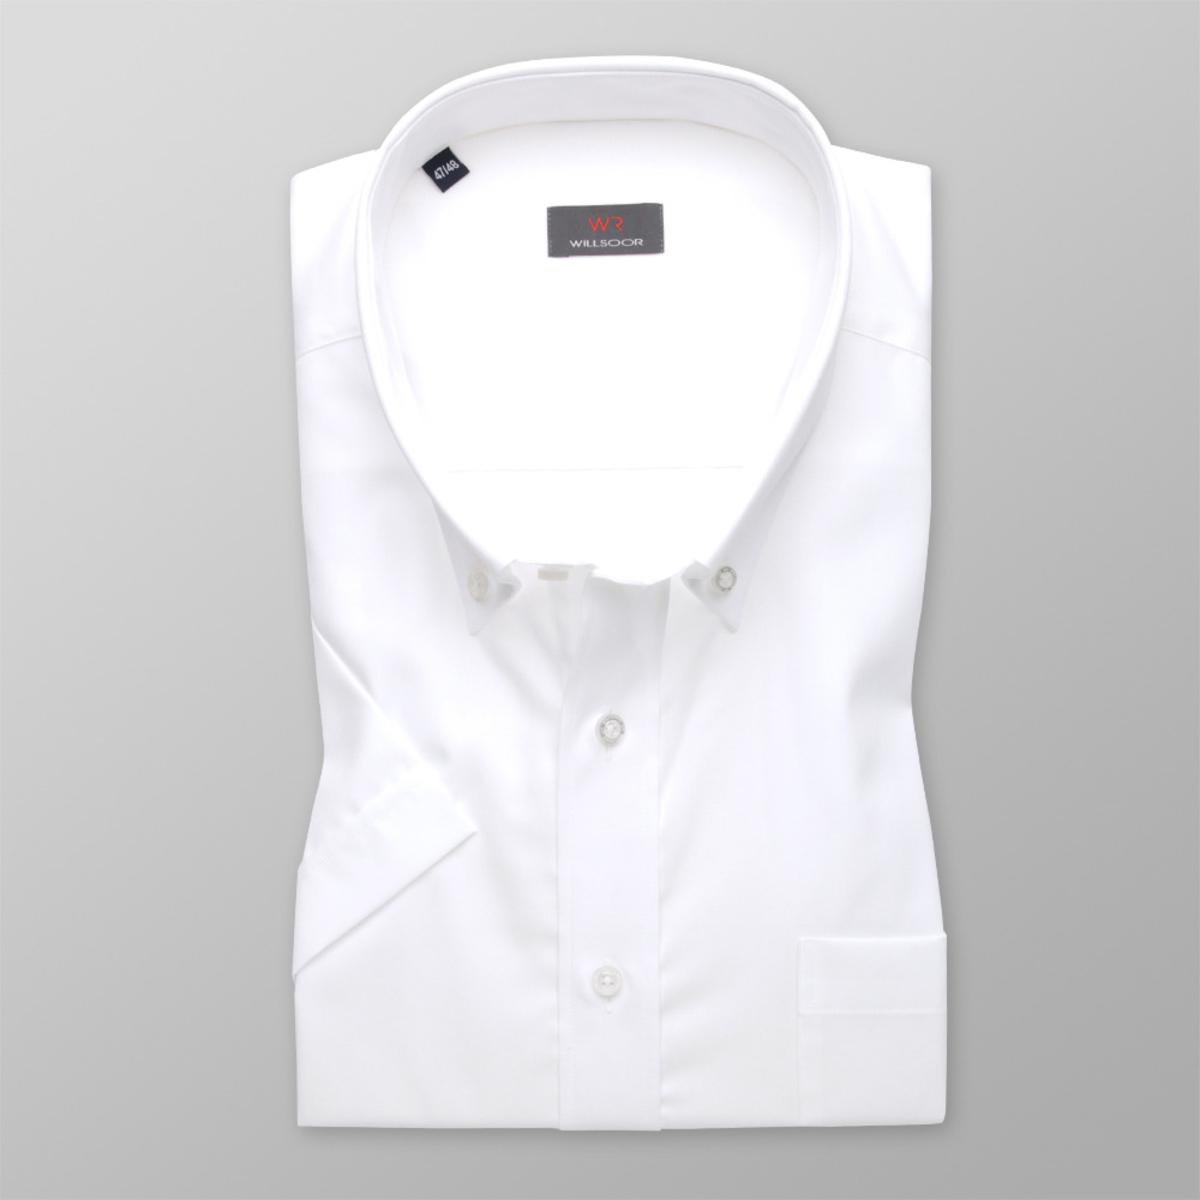 Pánska košele WR Classic s krátkym rukávom v biele farbe (výška 176-182) 5055 176-182 / 47/48